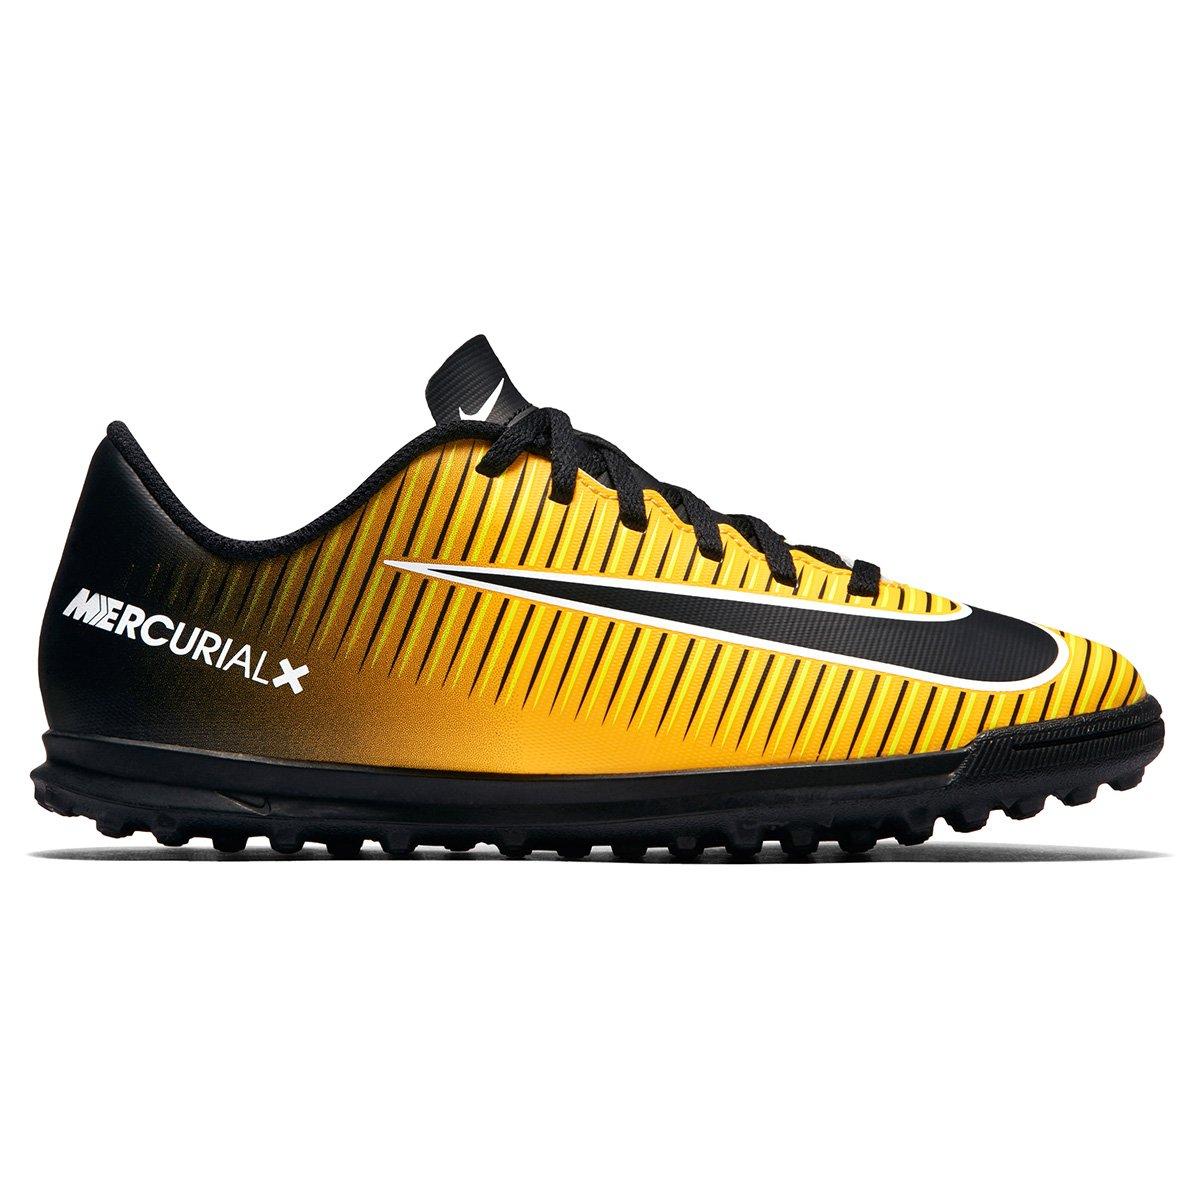 22f3f5ec48e3b Chuteira Society Infantil Nike Mercurial Vortex 3 TF - Compre Agora ...